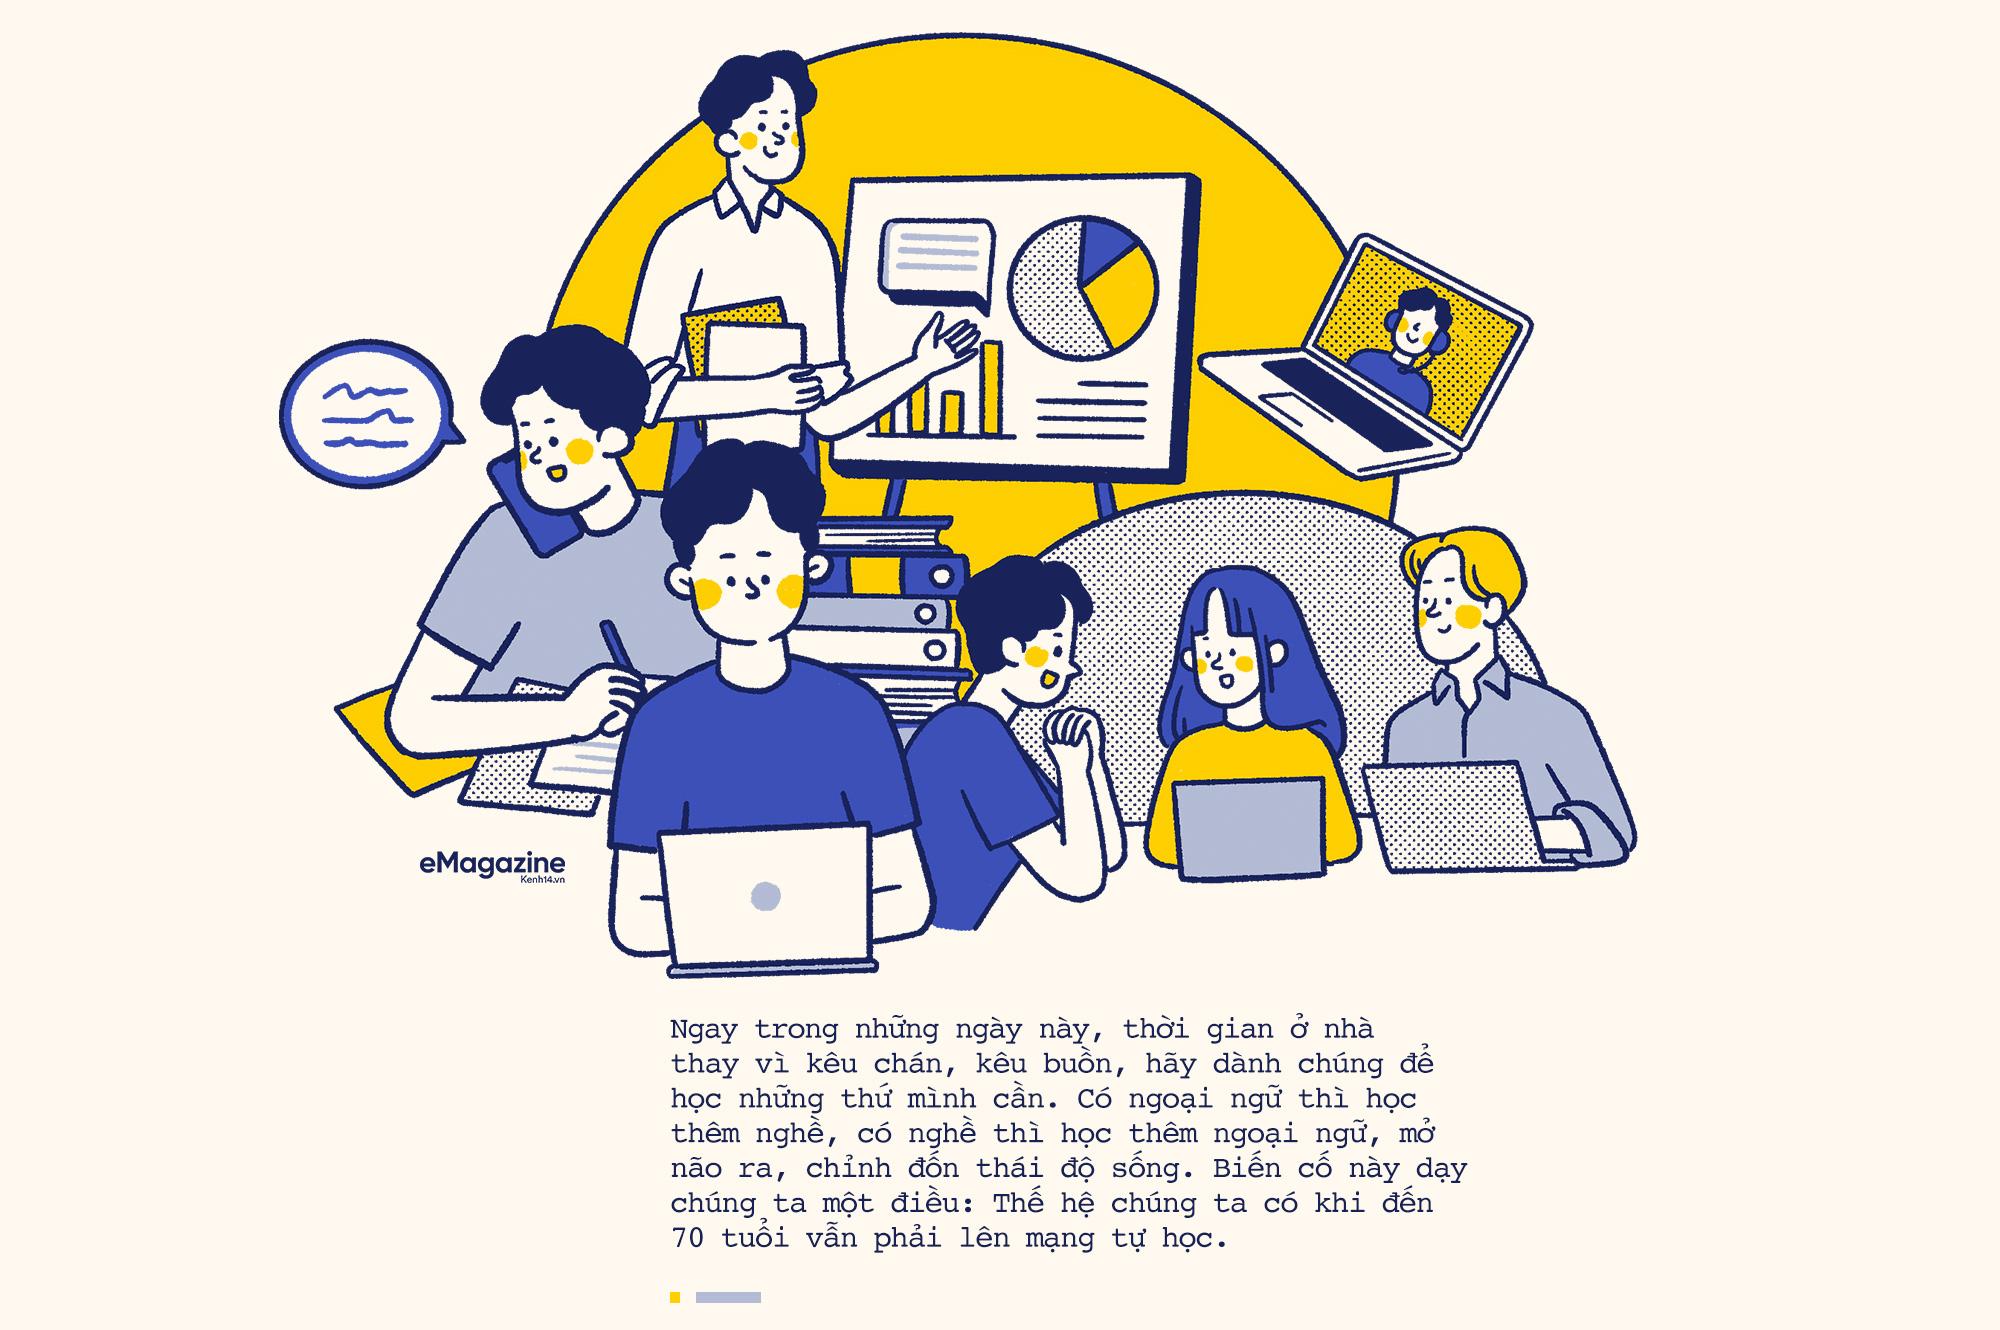 COVID-19 dạy ta một điều: Thế hệ chúng ta có khi đến 70 tuổi vẫn phải lên mạng tự học  - Ảnh 3.